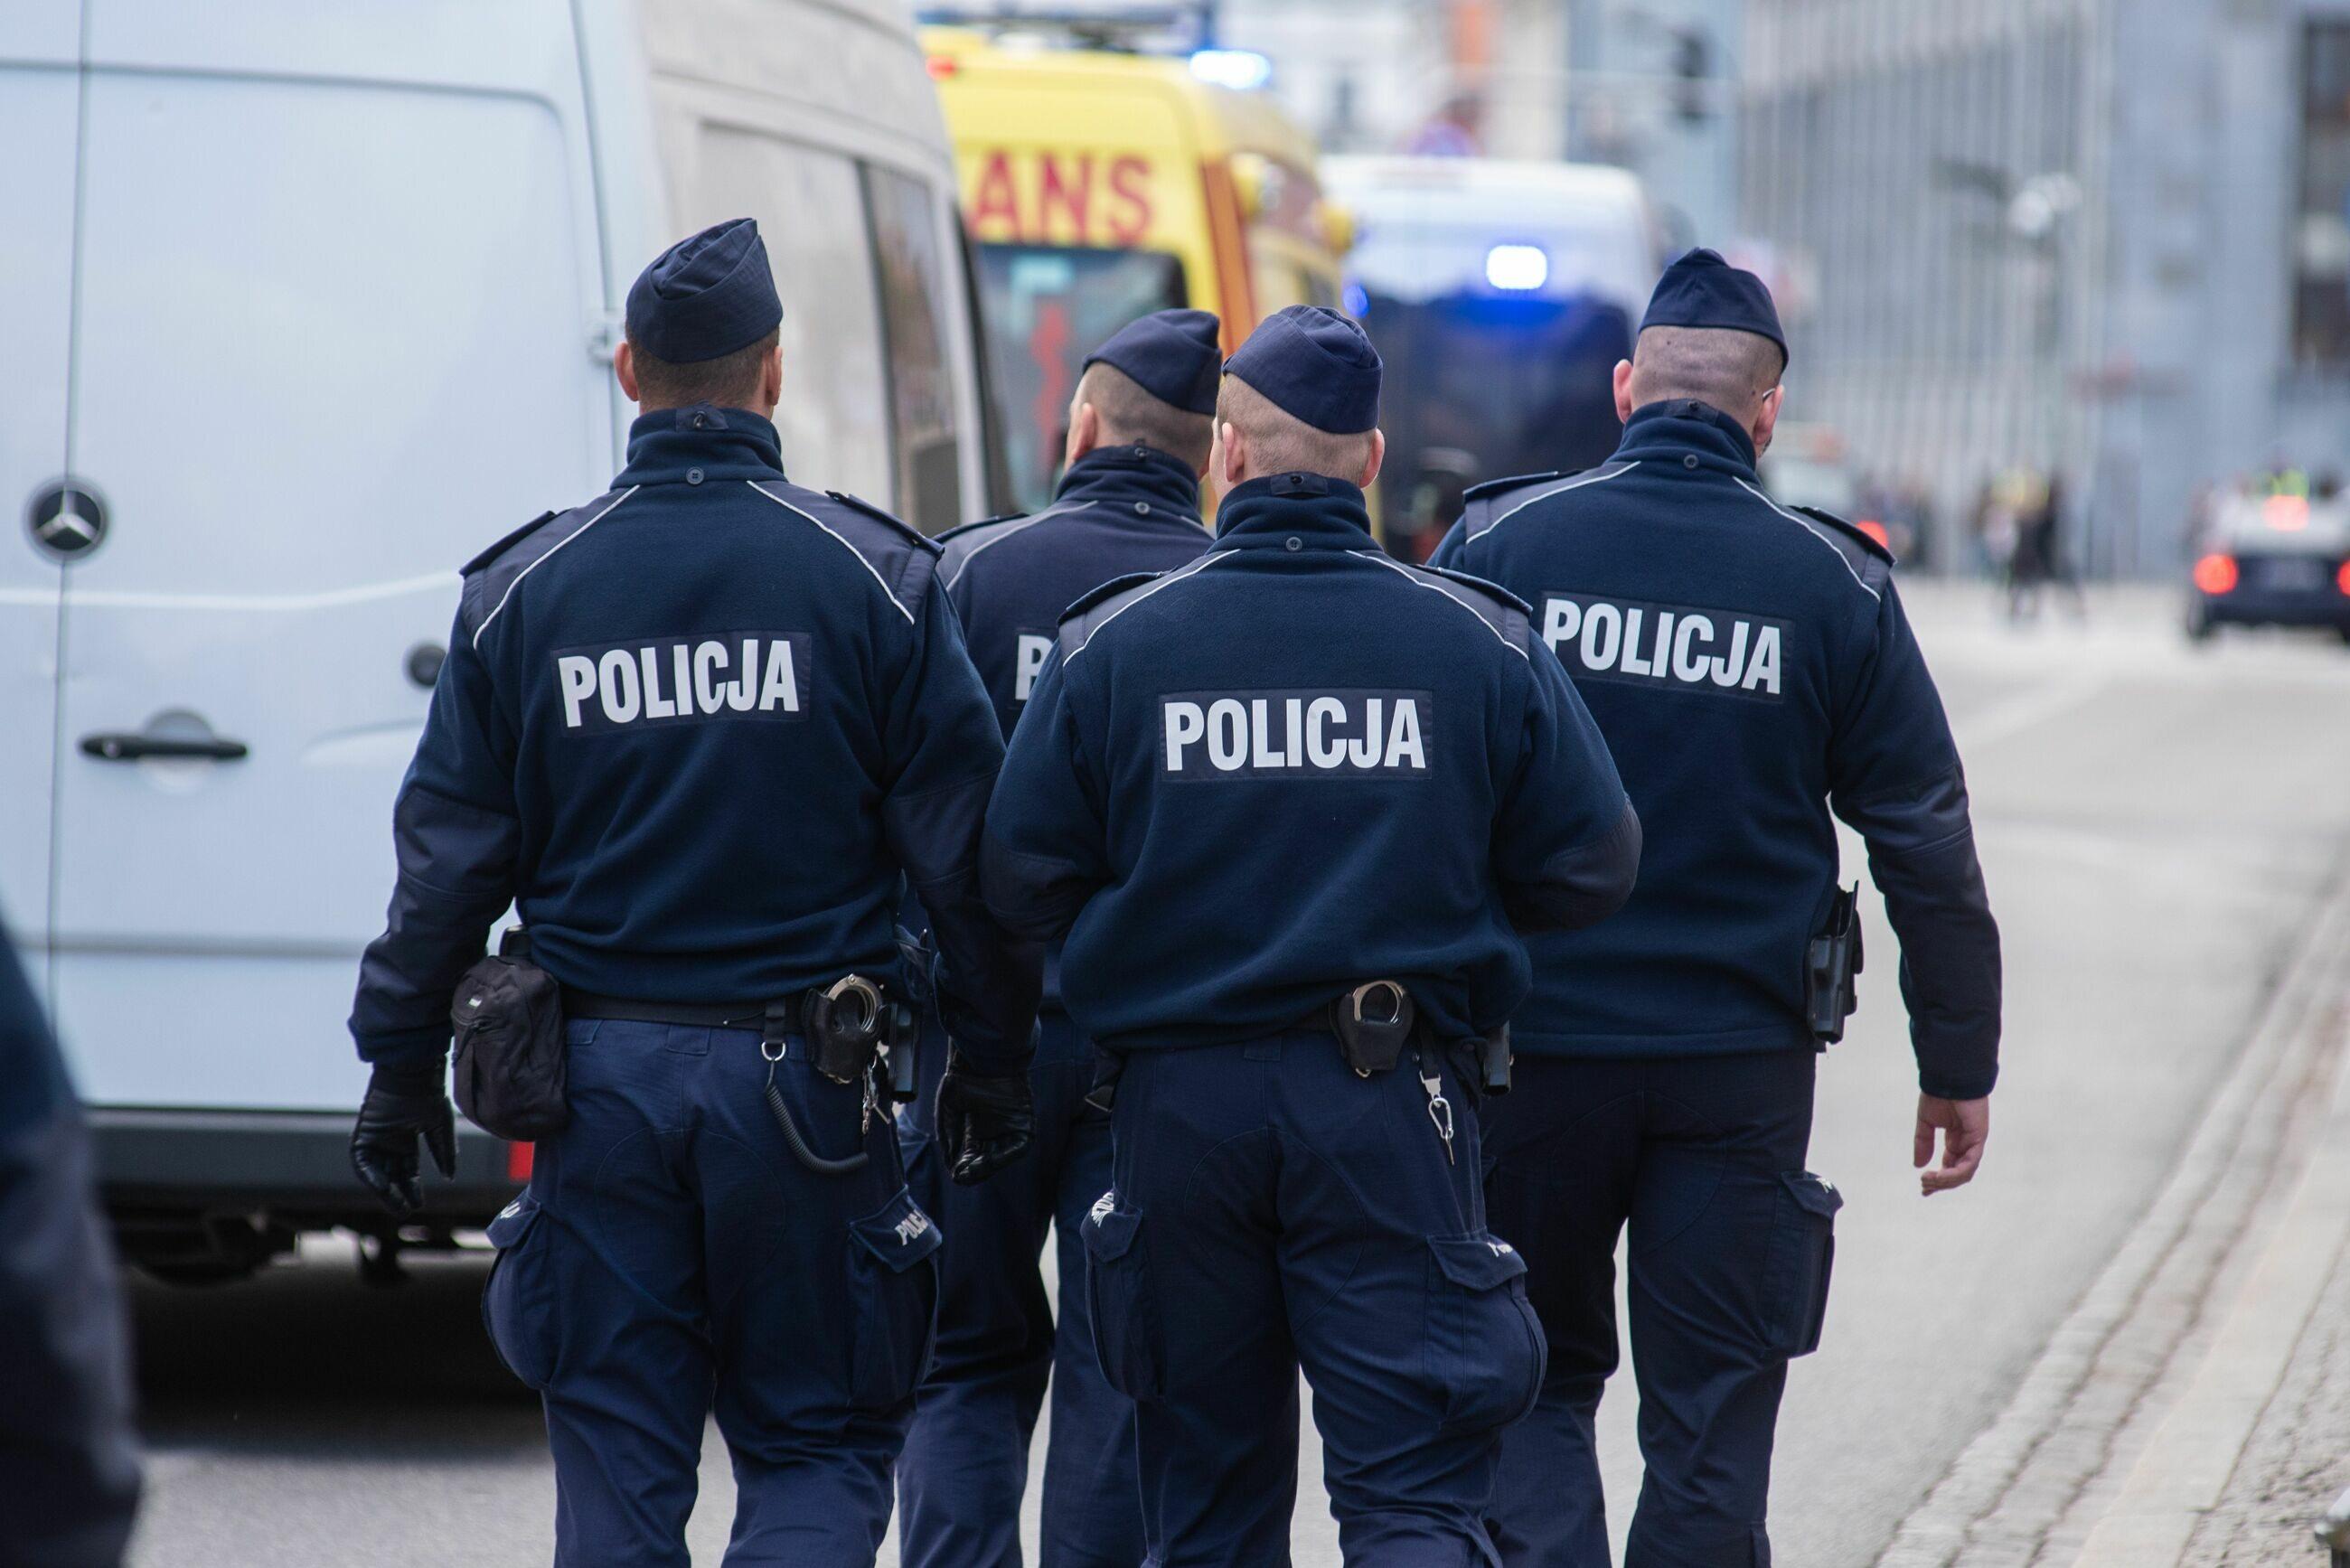 Policja, zdjęcie ilustracyjne